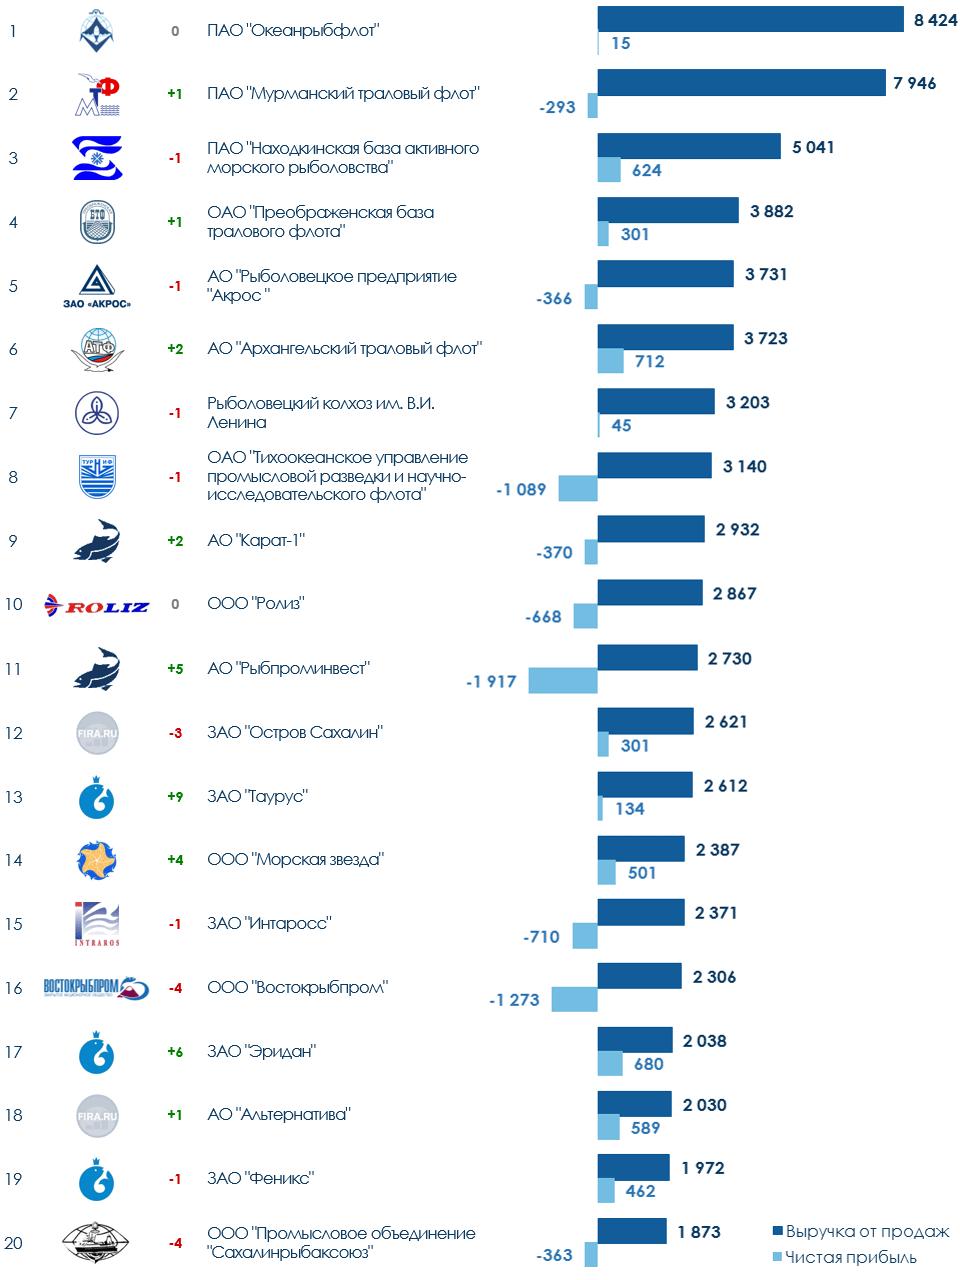 ТОП-20 рыболовецких компаний России